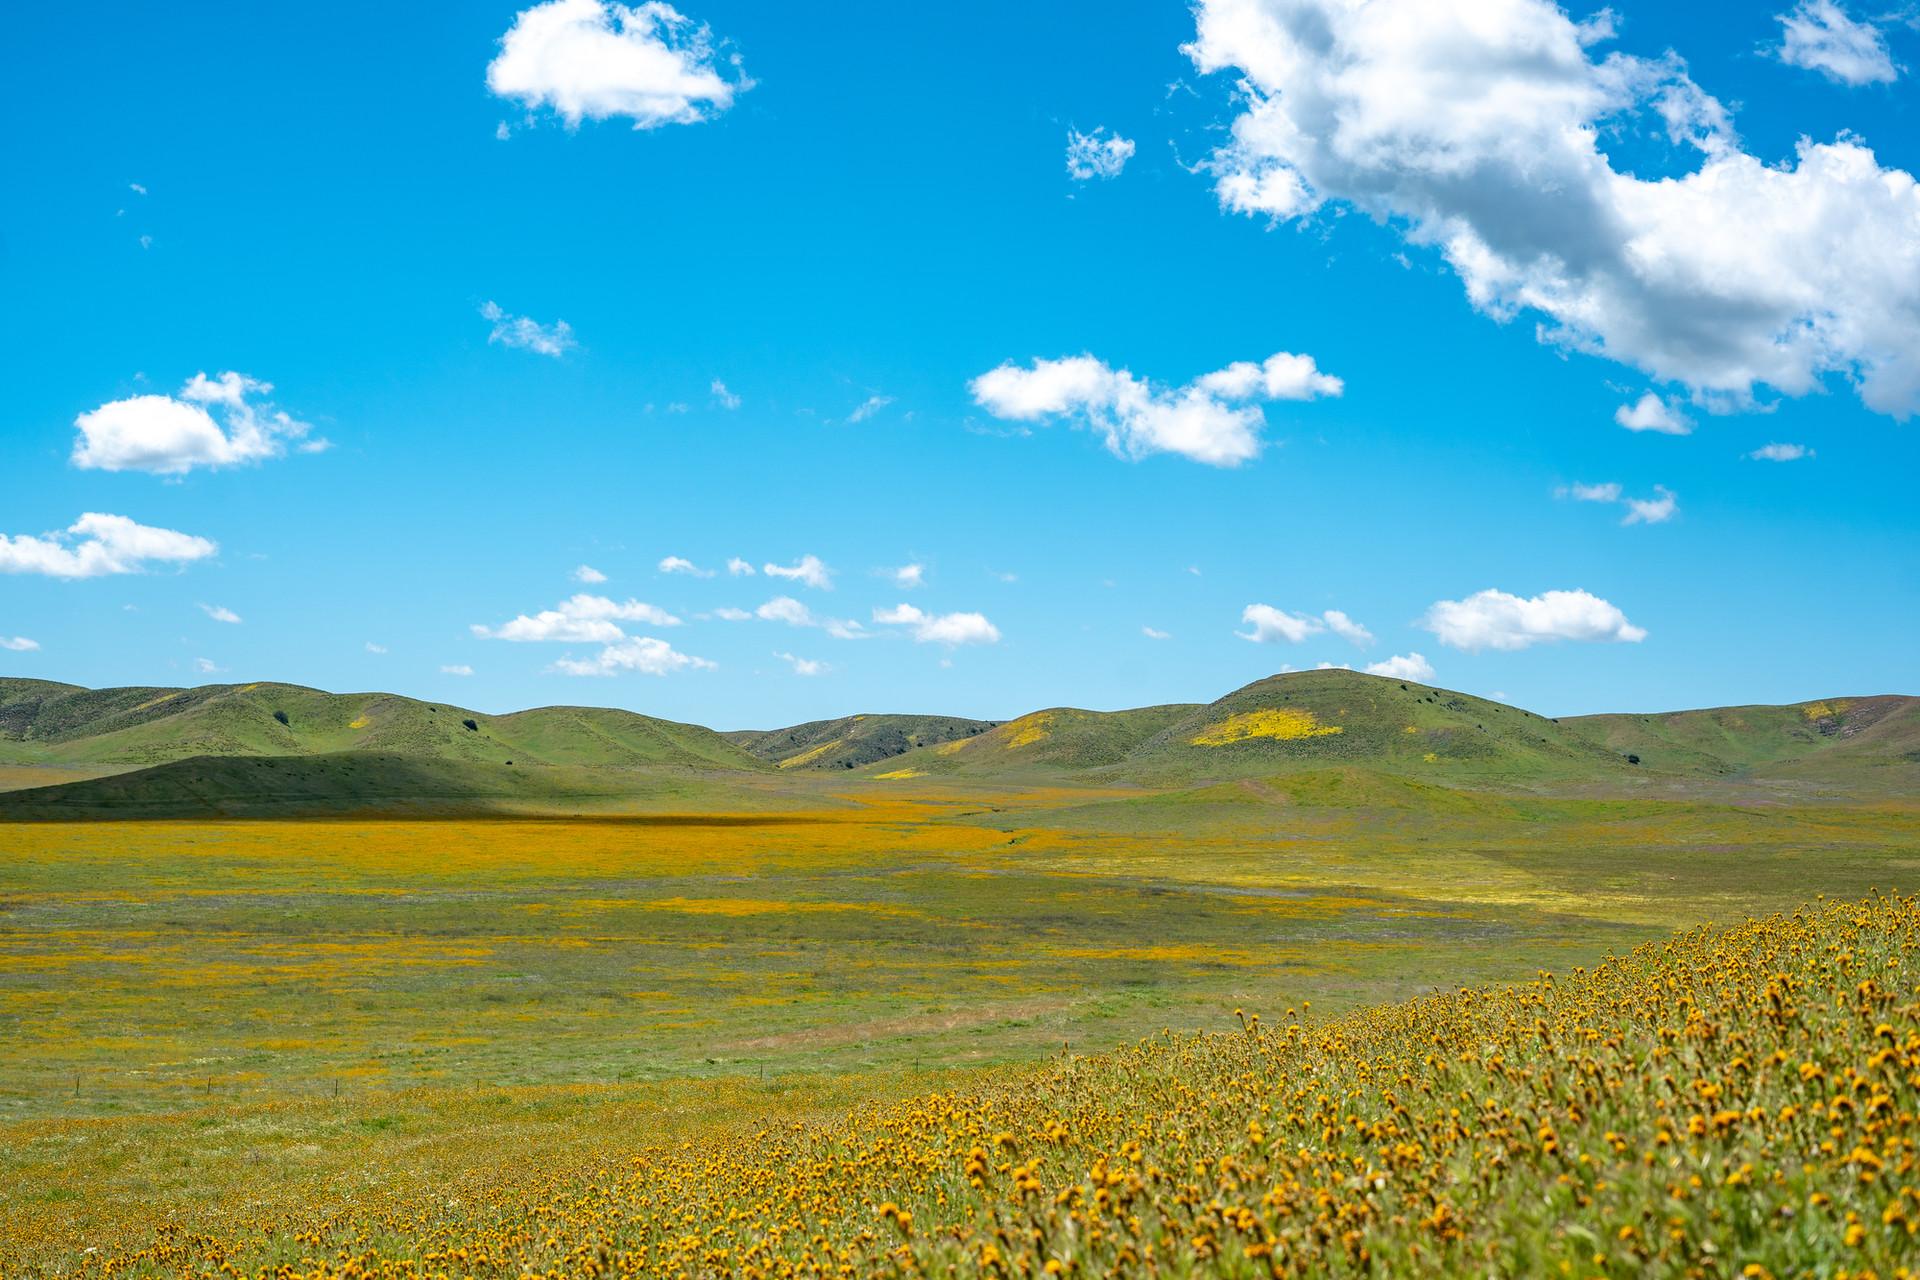 Sunny Landscape 2